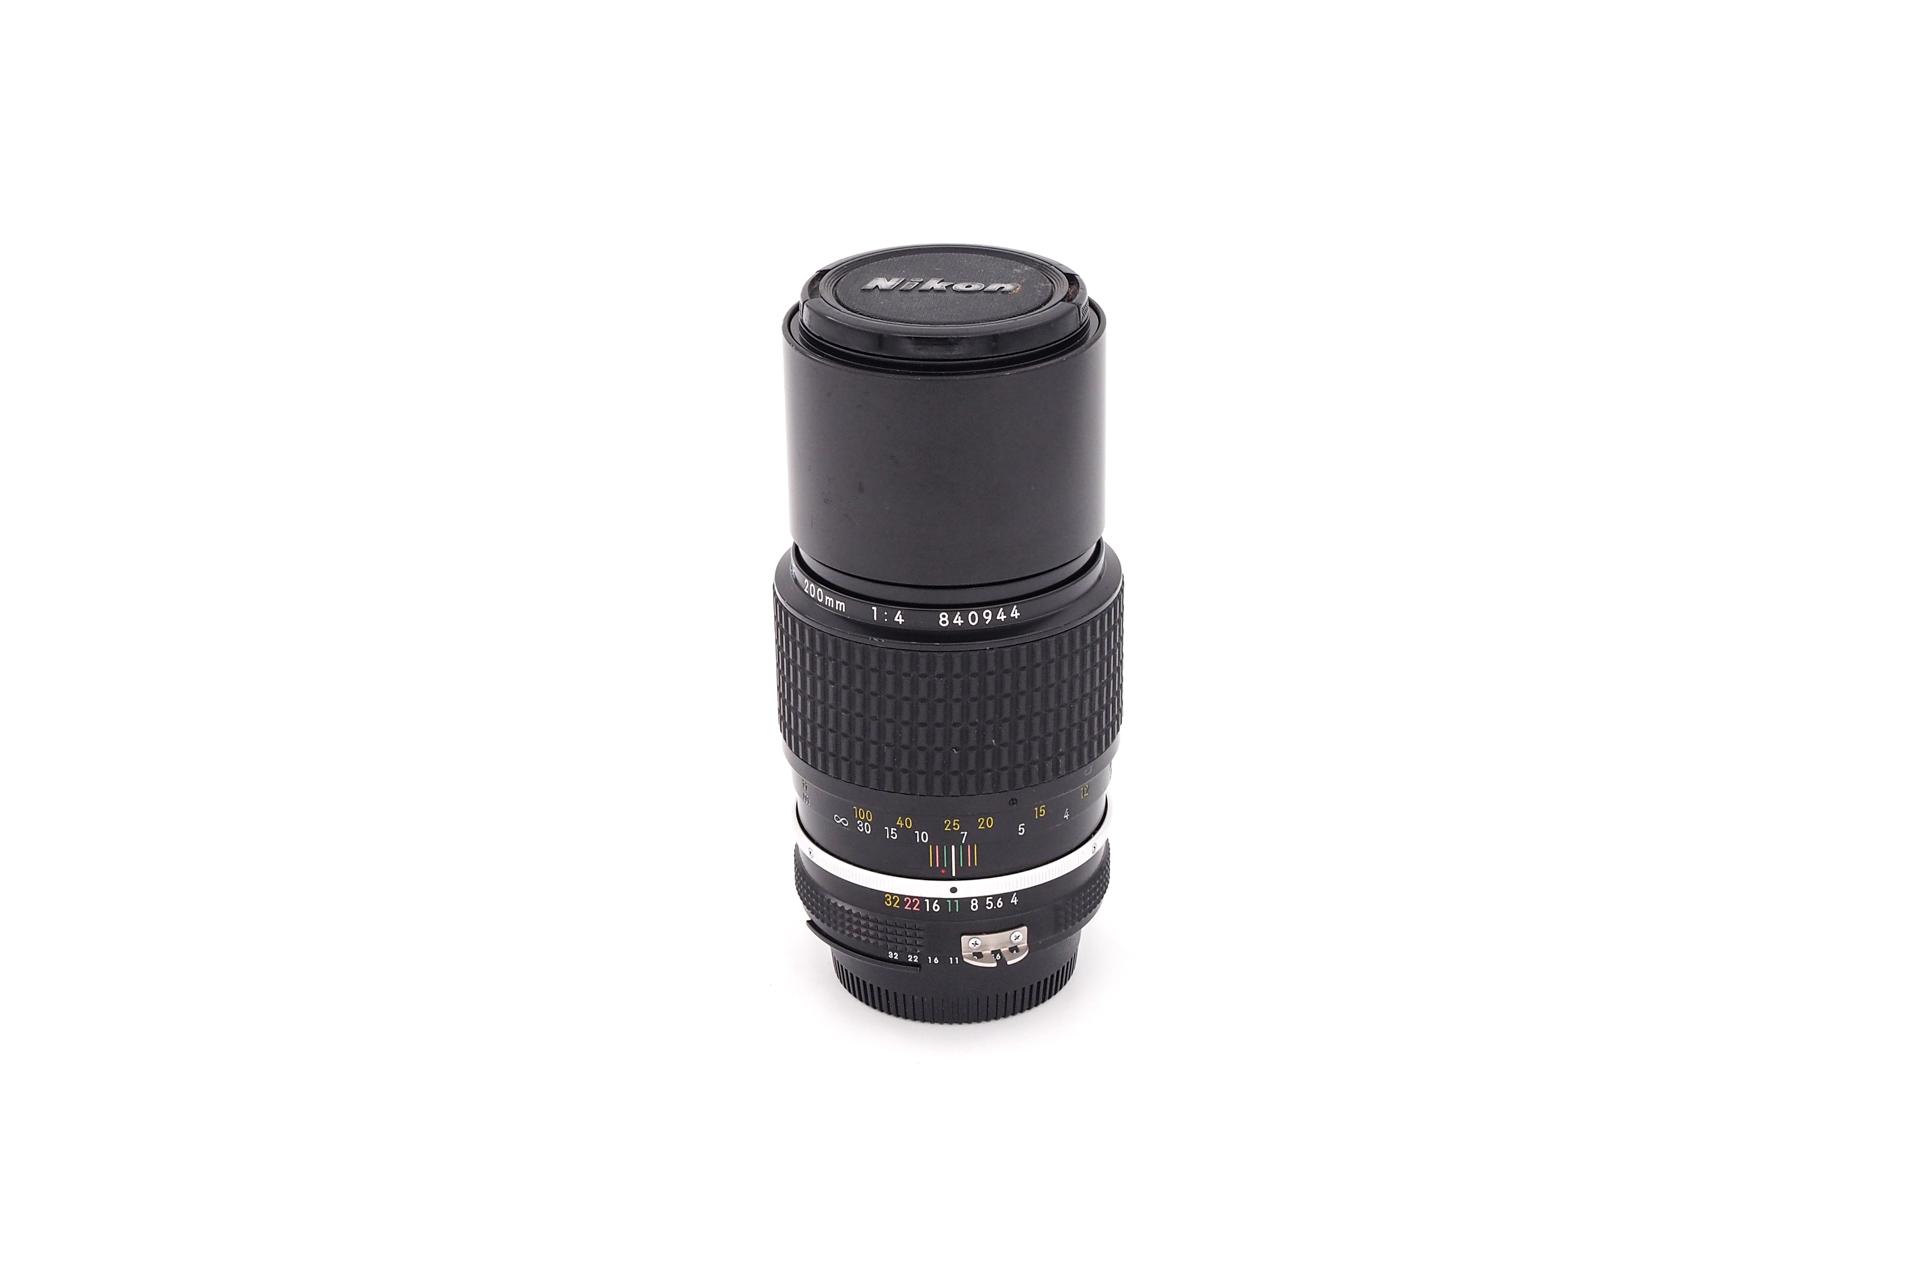 Nikon AI 200mm F/4